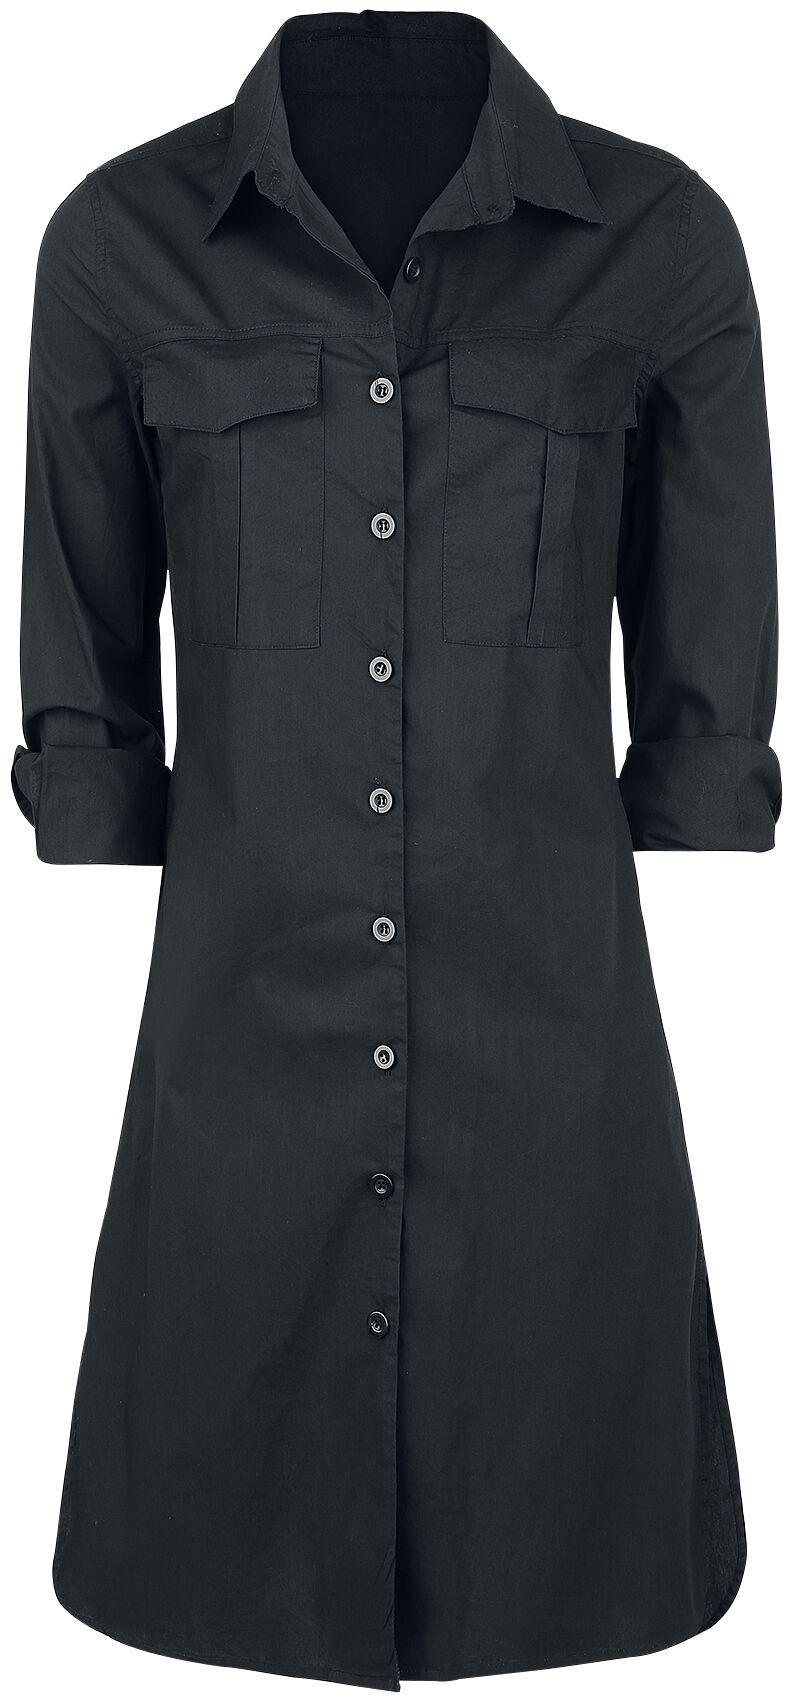 Image of   Forplay Long Girl Shirt Girlie Skjorte sort